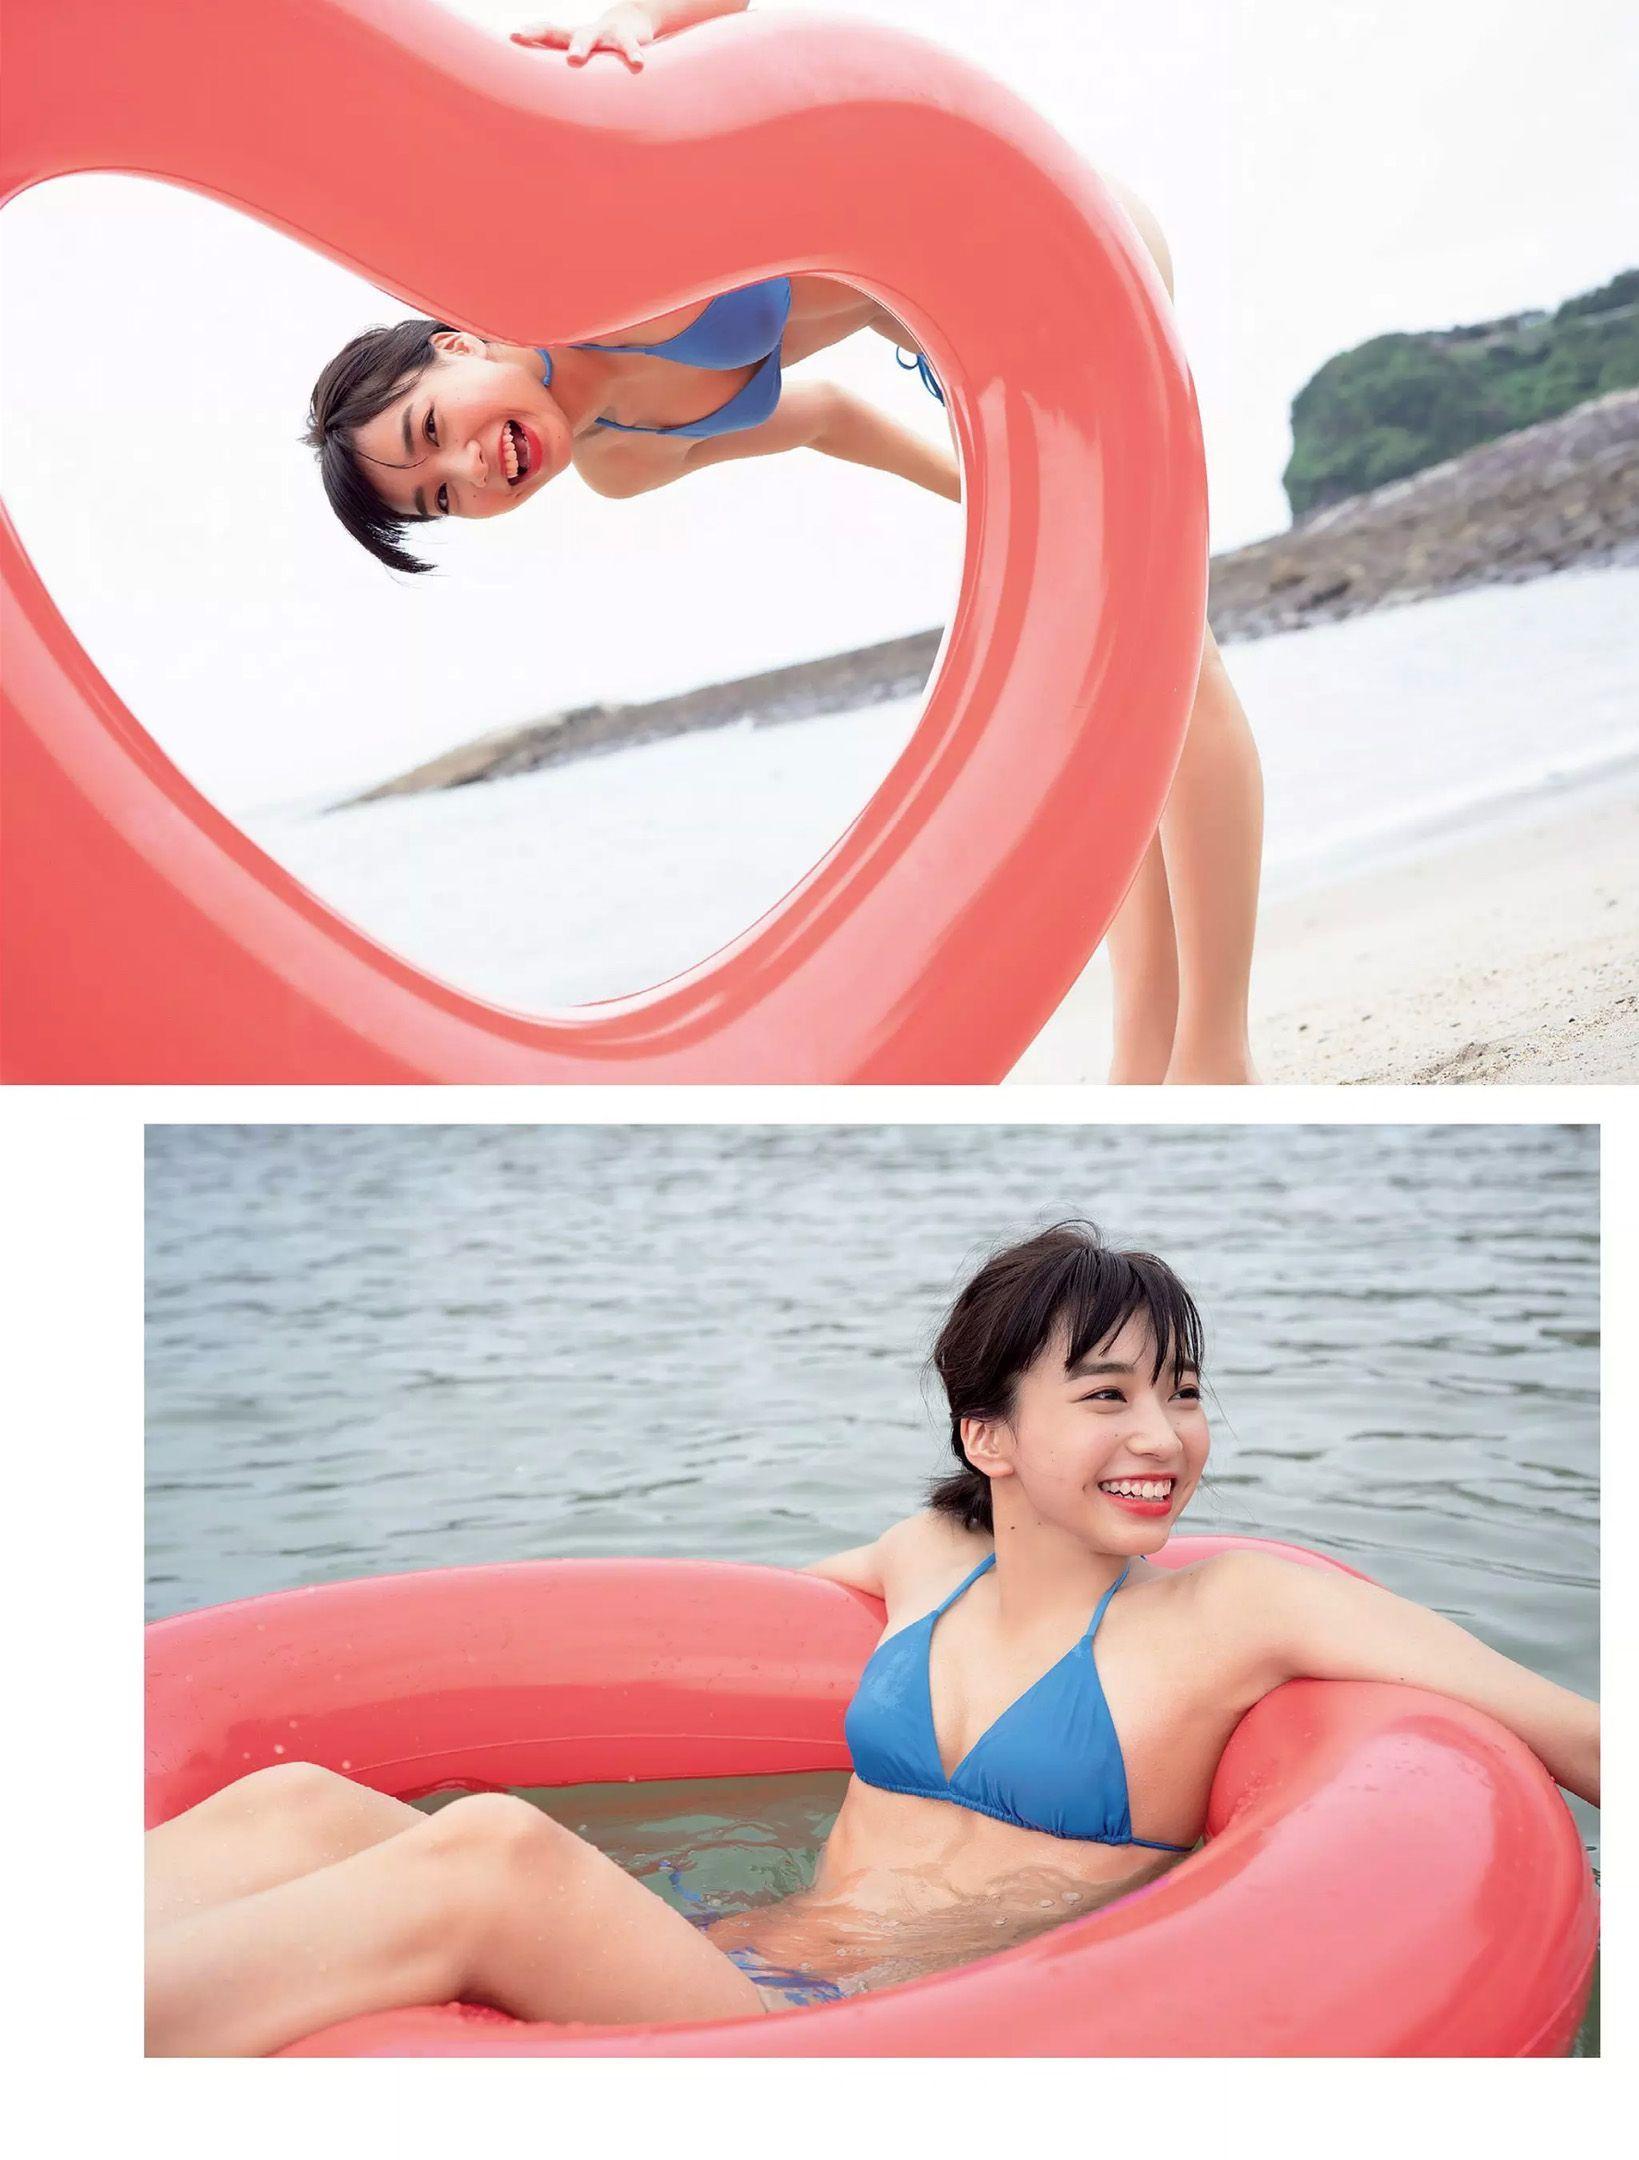 吉田莉樱 栗田惠美-FLASH 2020年12月22日刊-第11张图片-深海领域